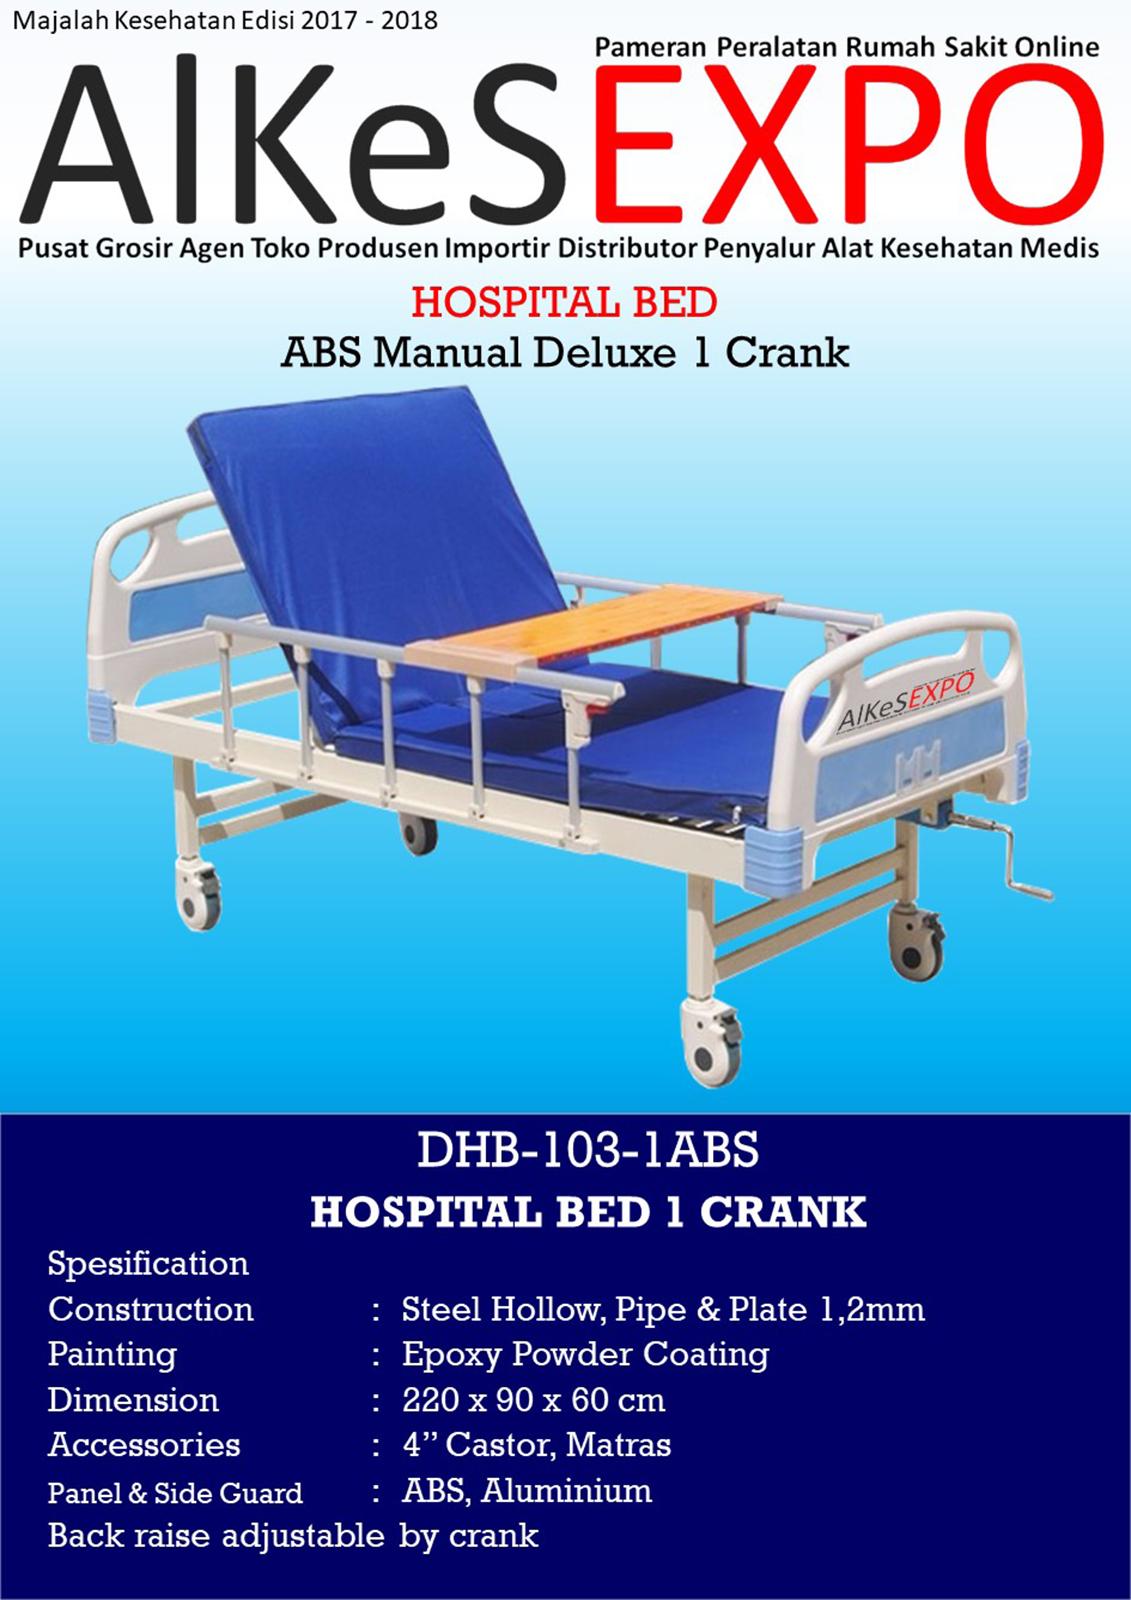 Tempat Tidur Pasien Manual Deluxe 1 Crank DHB-103-ABS